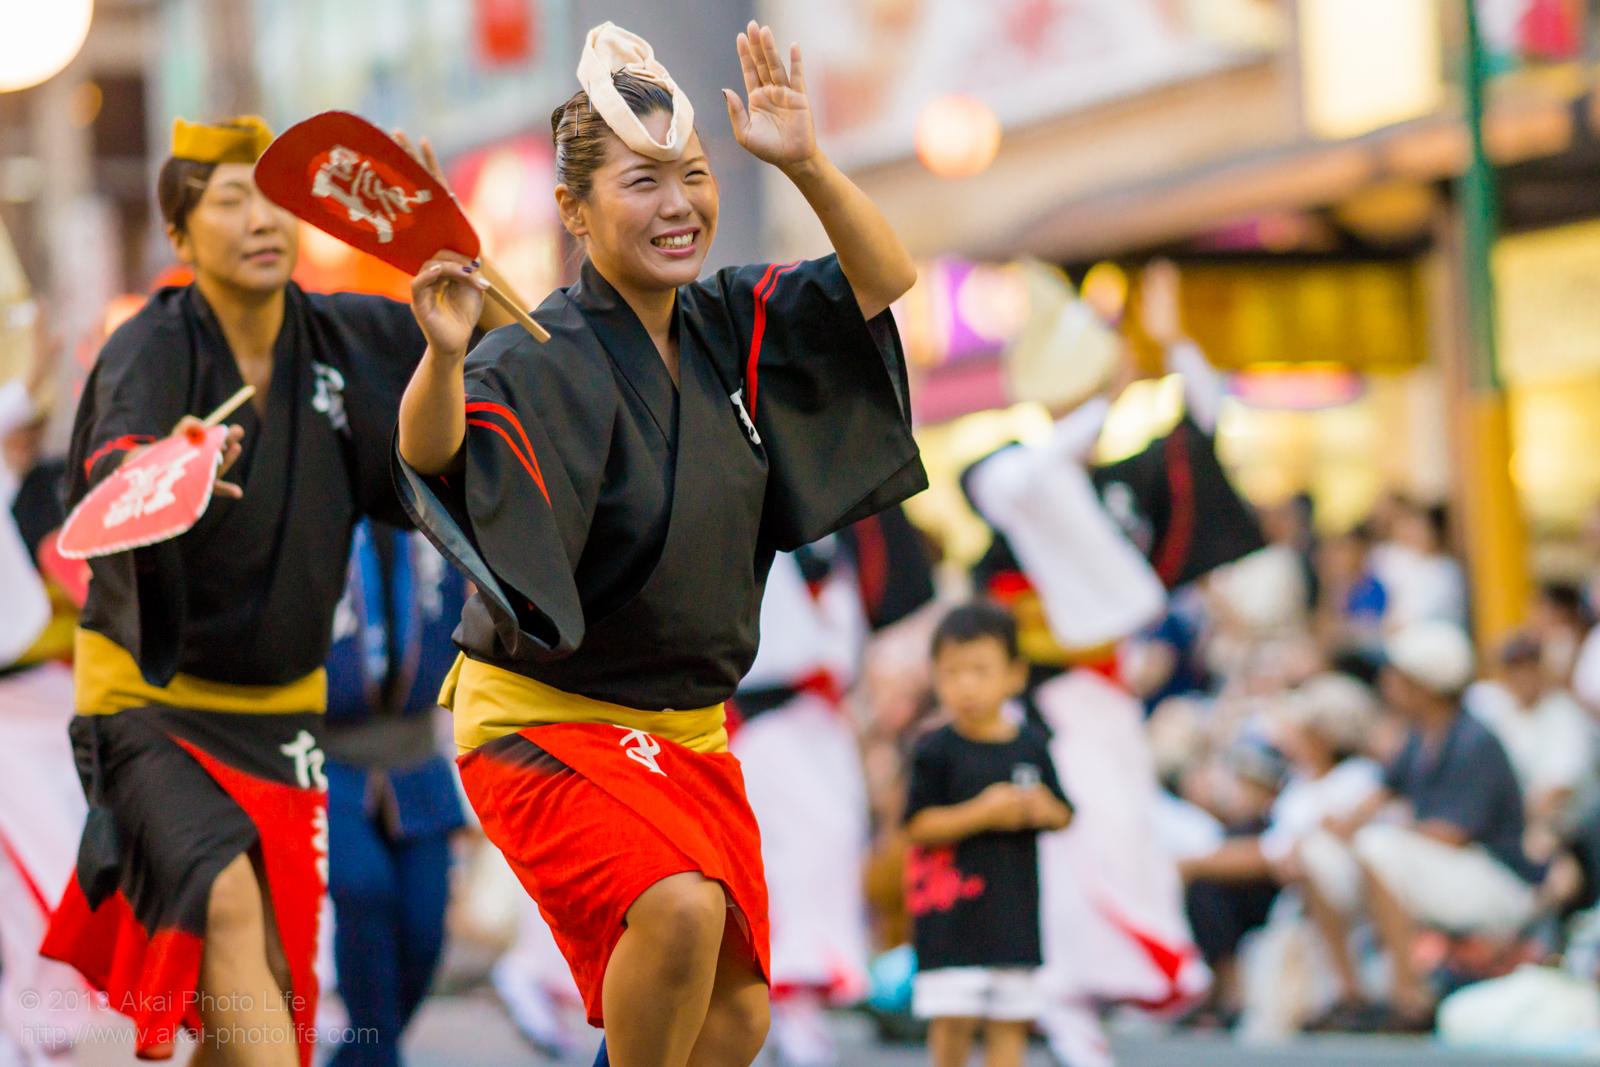 踊れ西八夏まつり、阿波踊り連 たまきの女性の男踊り